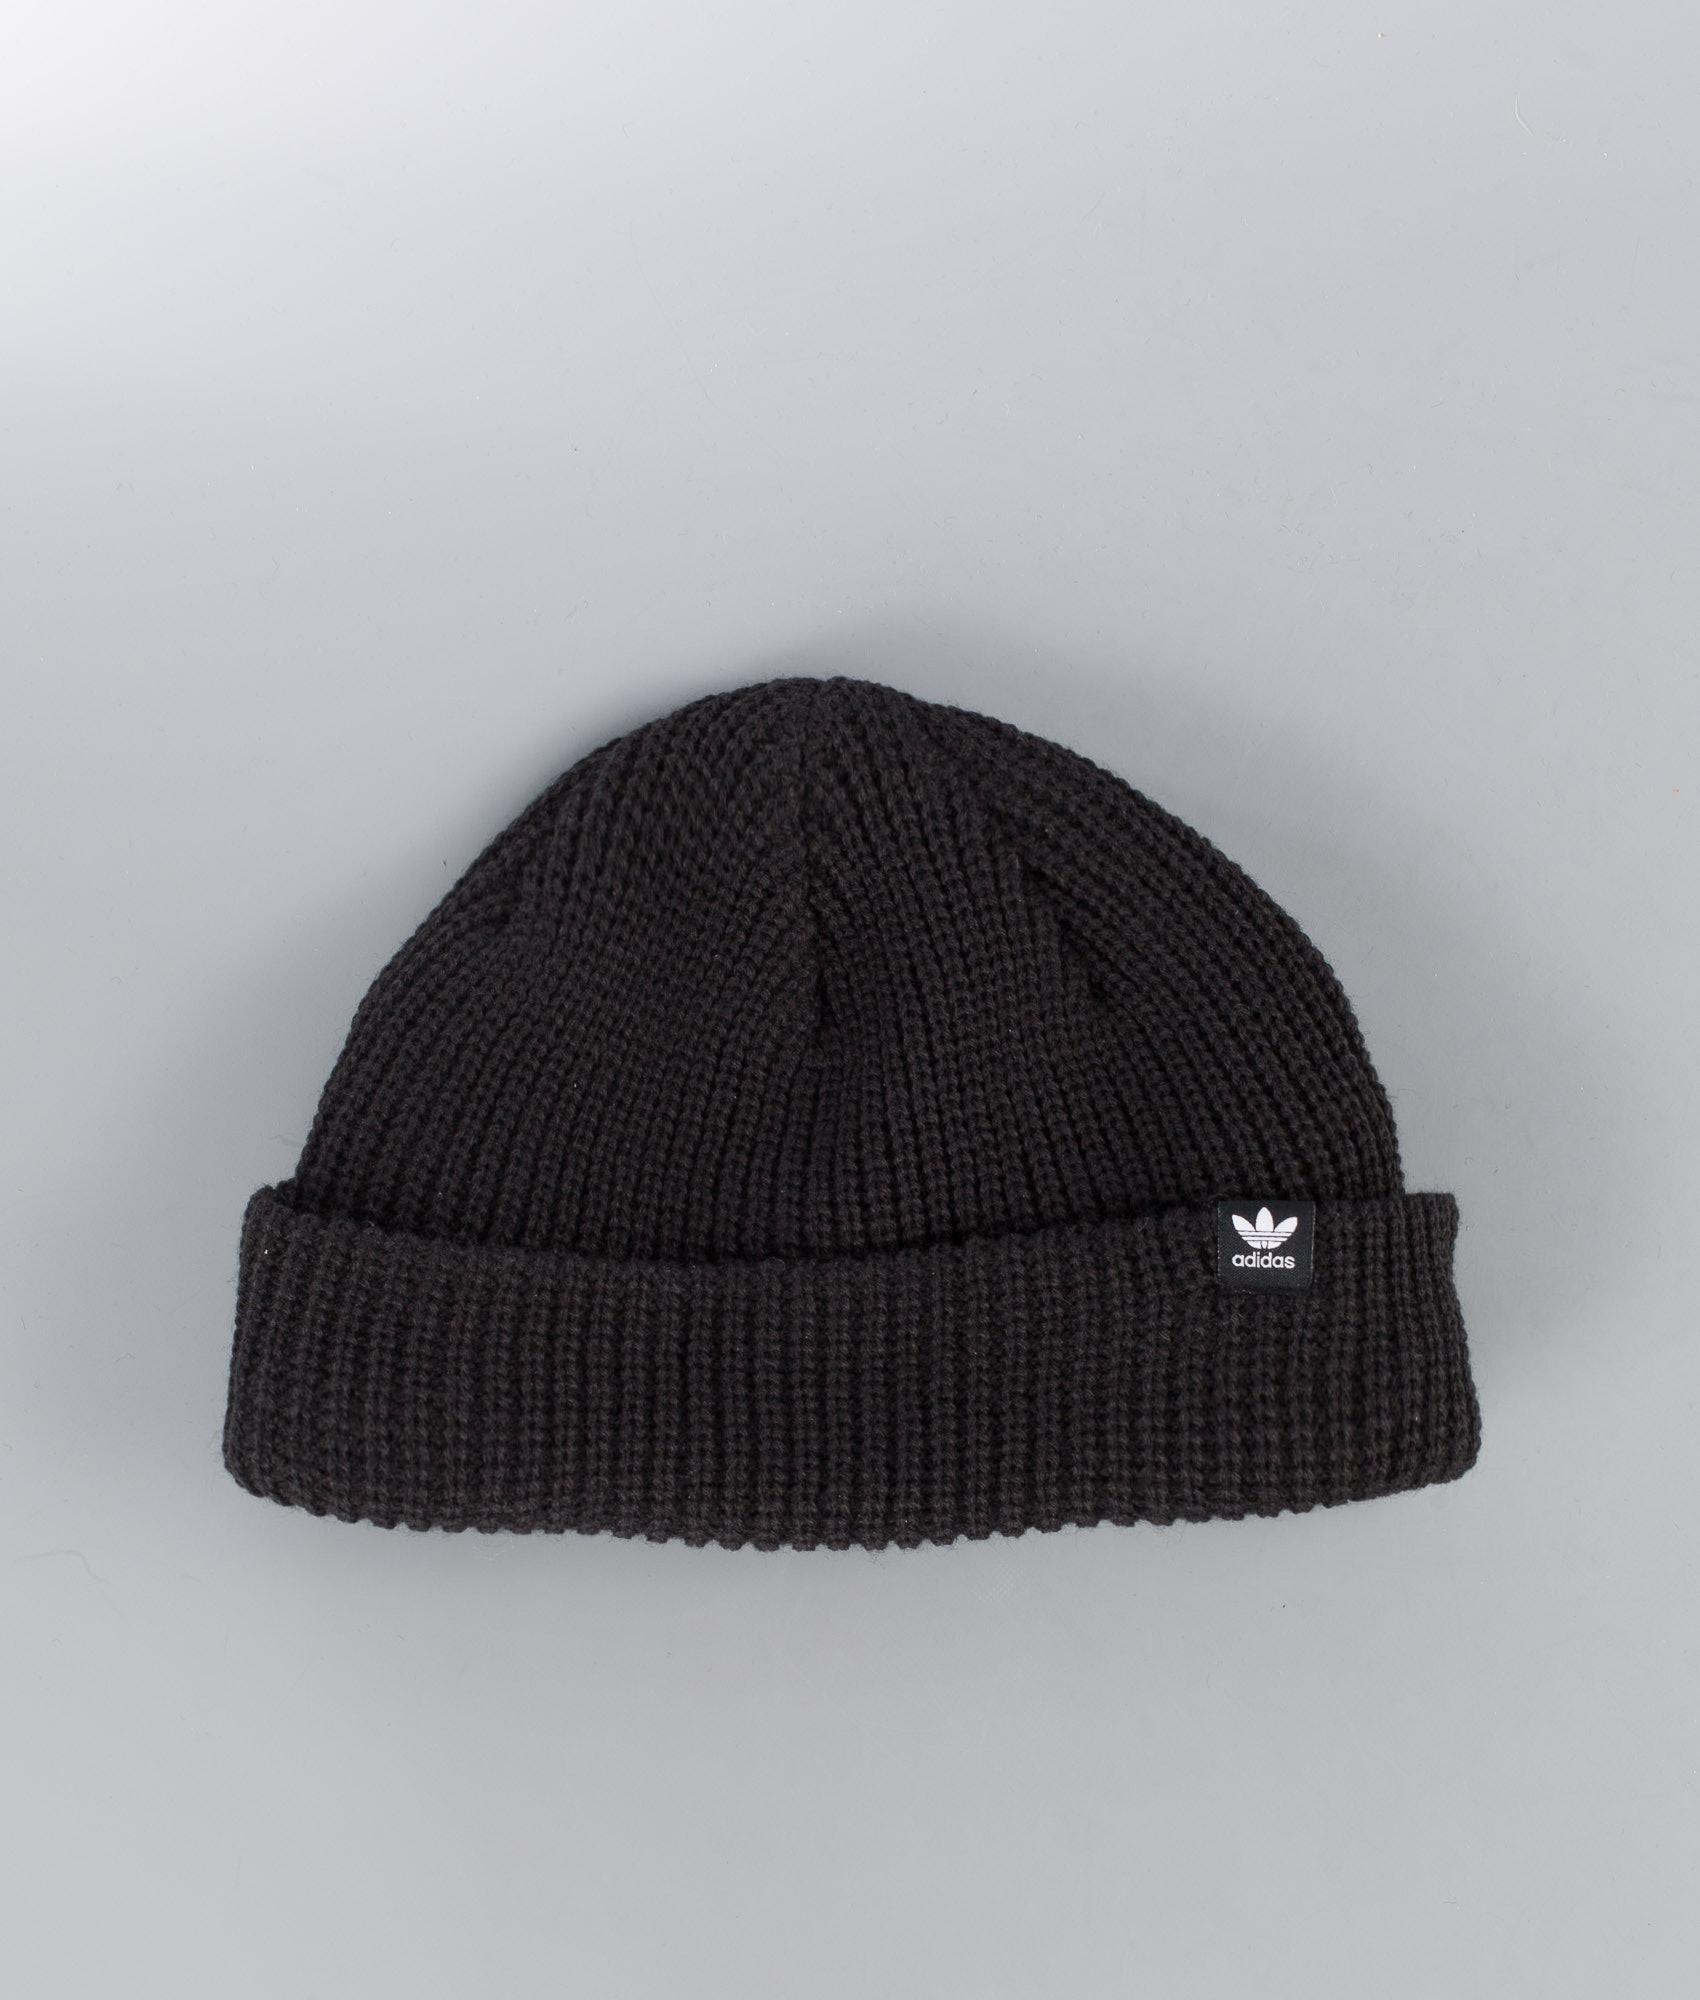 238e2d3d0de Adidas Originals Short Beanie Black - Ridestore.com